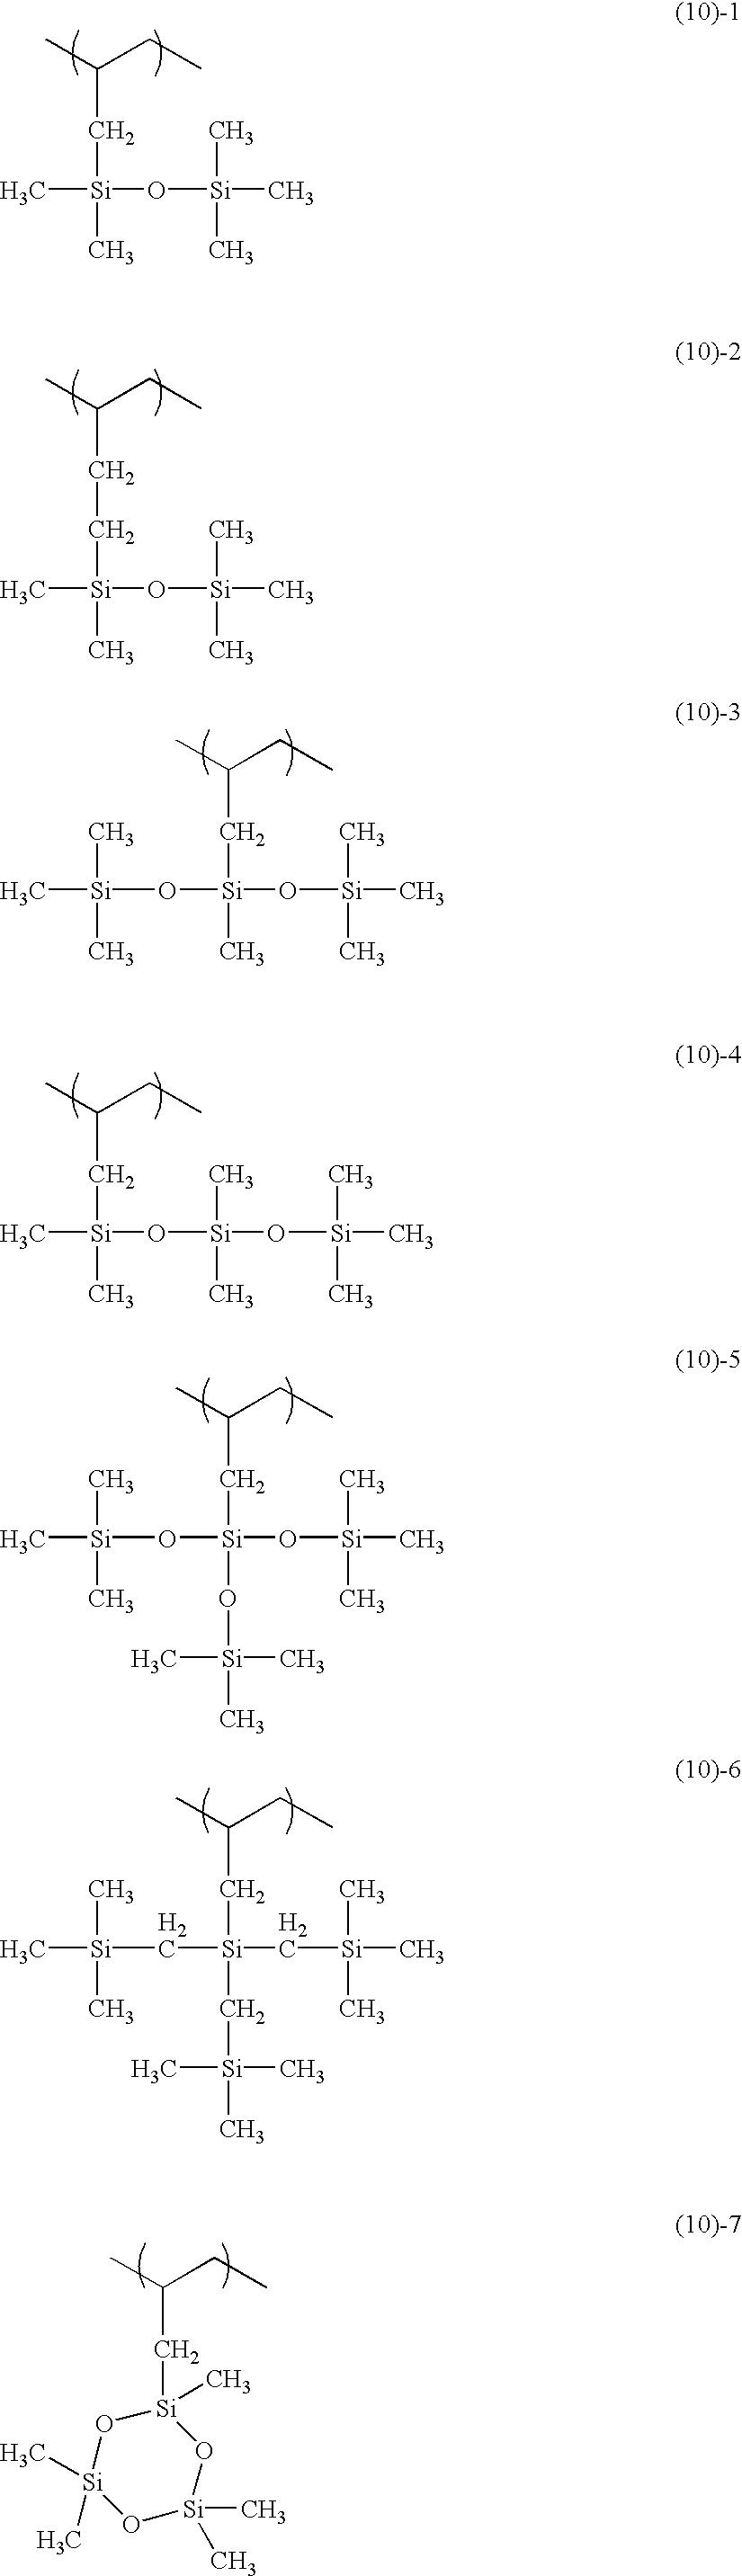 Figure US20030207201A1-20031106-C00038